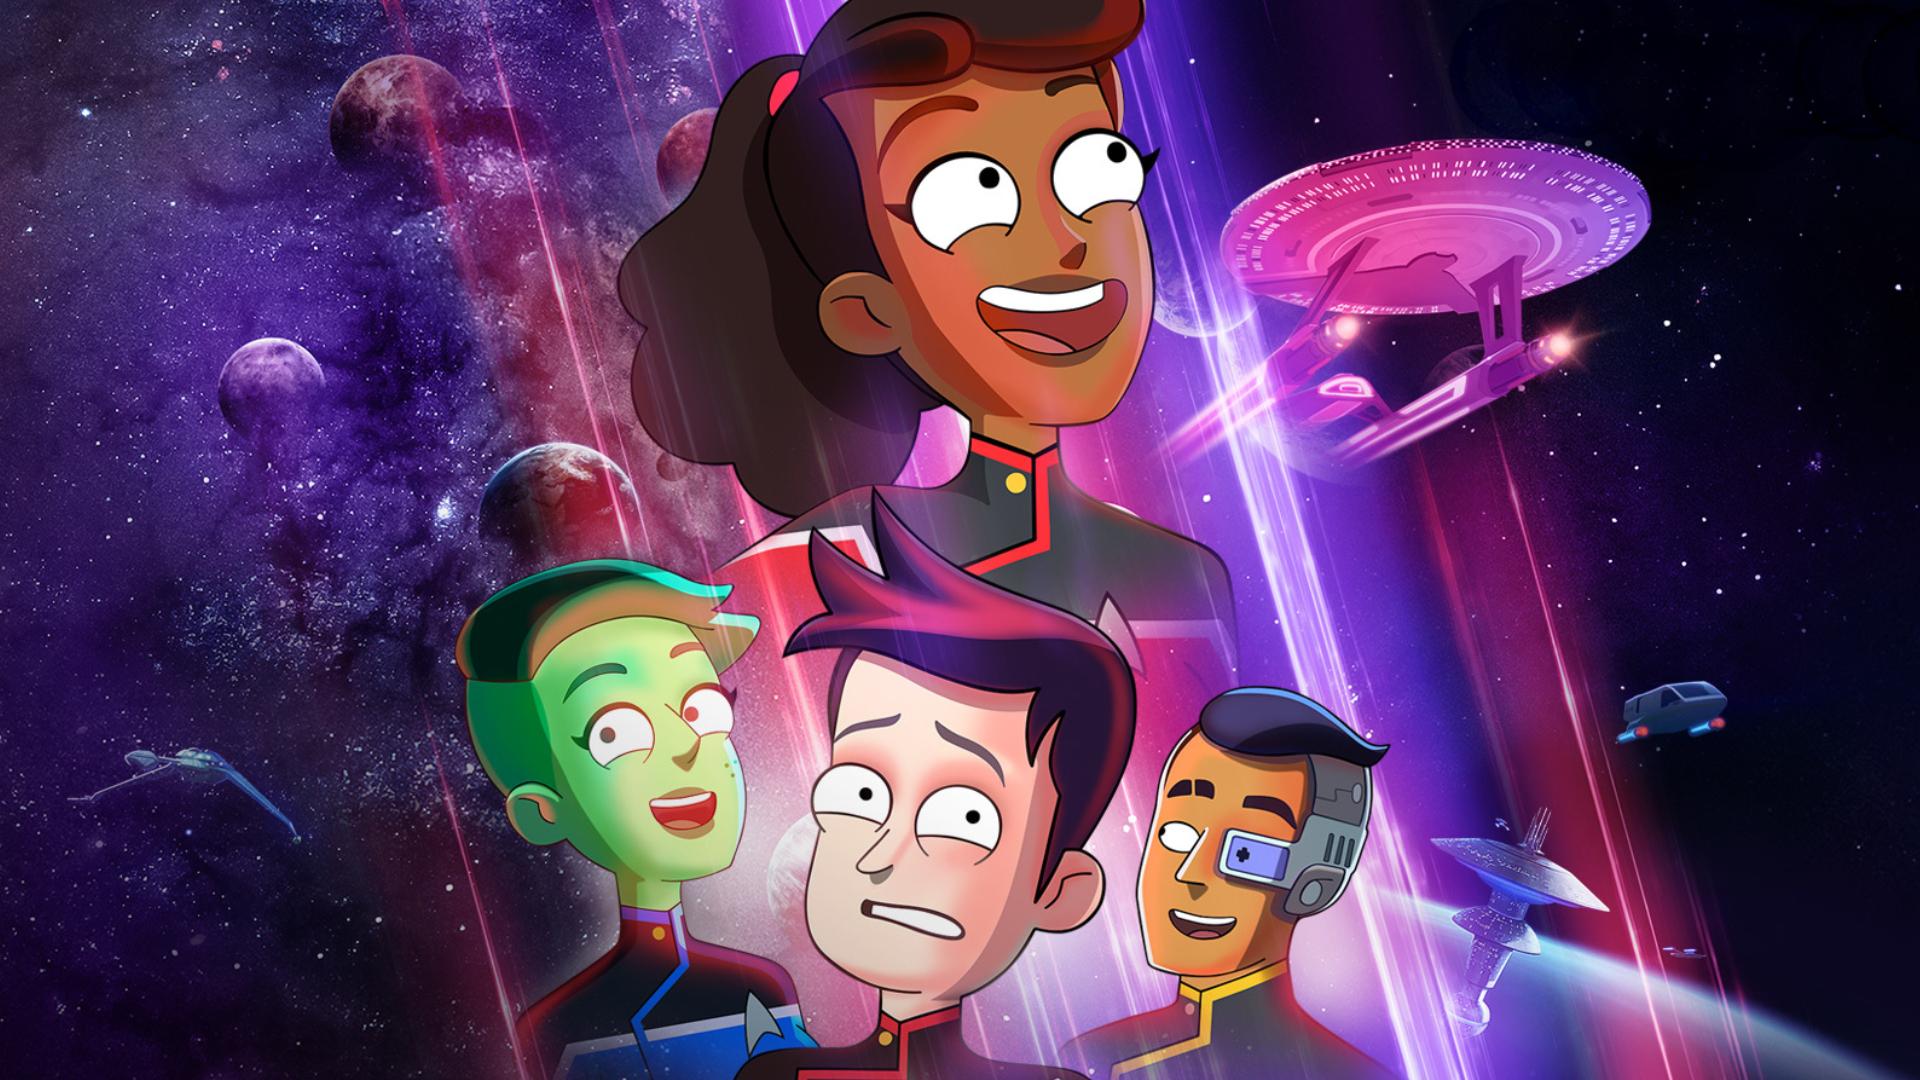 Star Trek: Lower Decks Season Finale Episode, Binge The Full Season!